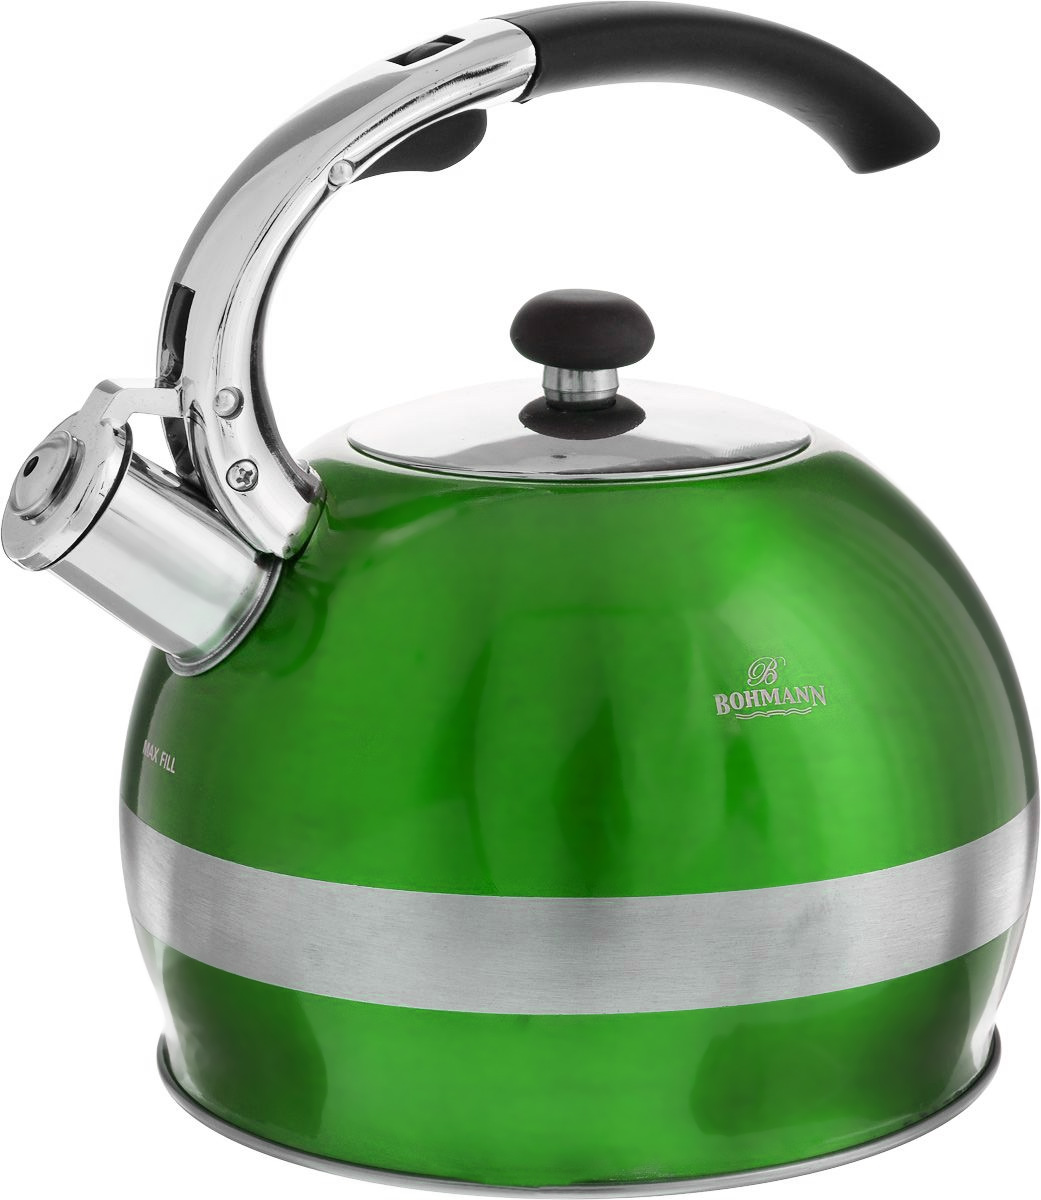 Чайник Bohmann, со свистком, цвет: зеленый, 2,7 л. BH-9995BH-9995_зеленыйЧайник Bohmann изготовлен из нержавеющей стали с матовой и зеркальной полировкой.Высококачественная сталь представляет собой материал, из которого в течение несколькихдесятилетий во всеммире производятся столовые приборы, кухонные инструменты и различные аксессуары. Этотматериал обладаетвысокой стойкостью к коррозии и кислотам. Прочность, долговечность и надежность этогоматериала, а такжепервоклассная обработка обеспечивают практически неограниченный запас прочности инеизменнопривлекательный внешний вид.Чайник оснащен фиксированной удобной ручкой из бакелита черного цвета. Ручка ненагревается, чтопредотвращает появление ожогов и обеспечивает безопасность использования. Носик чайникаимеет откиднойсвисток для определения кипения.Можно использовать на всех типах плит, включая индукционные. Можно мыть в посудомоечноймашине.Диаметр (по верхнему краю): 9,5 см. Высота чайника (без учета ручки): 14,5 см. Высота чайника (с учетом ручки): 23 см. Диаметр основания: 13 см.